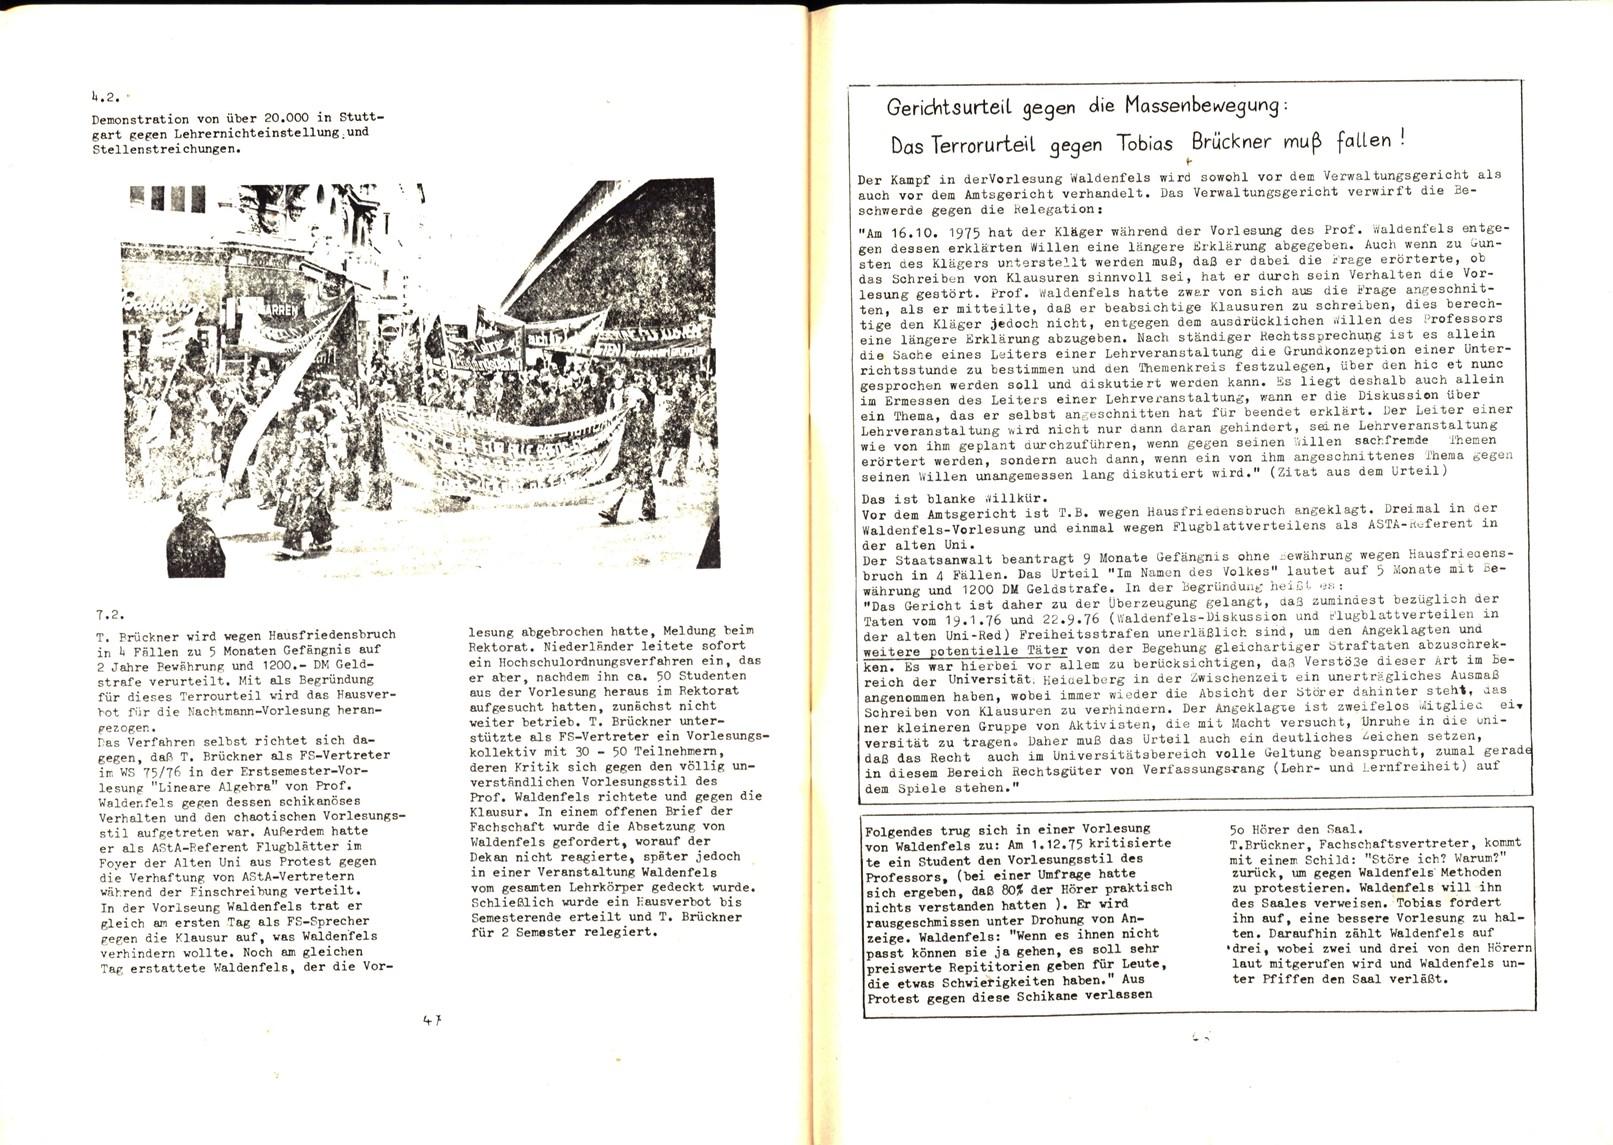 Heidelberg_KHG_1977_Chronik_WS_1976_77_25